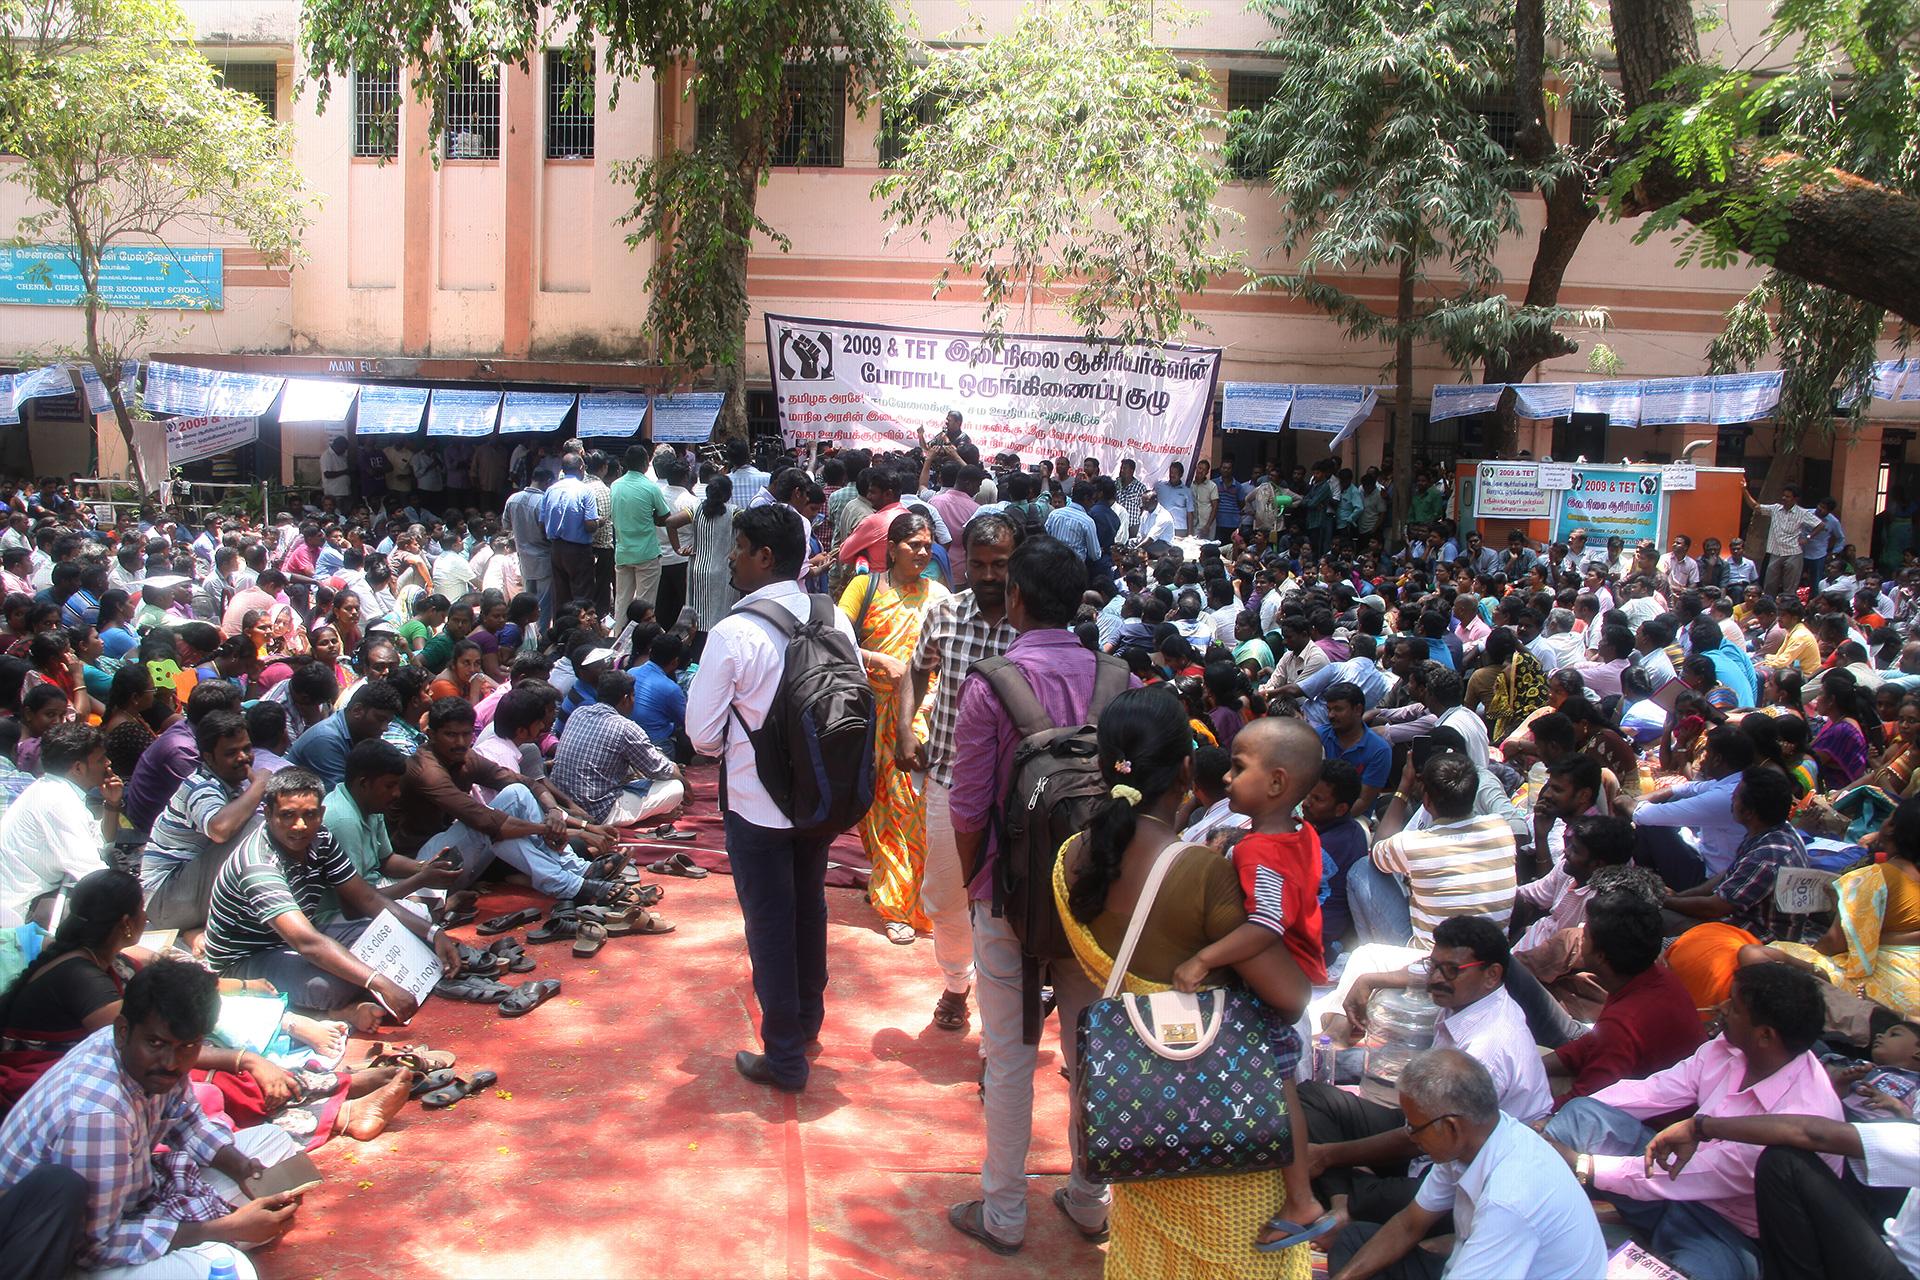 ஊதிய முரண்பாடுகளைக் களையக்கோரி இடைநிலை ஆசிரியர்கள் தொடர் போராட்டம் – சீமான் நேரில் ஆதரவு TET Secondary Teachers Protest Equal Pay For Equal Post Chennai Seeman Support 5